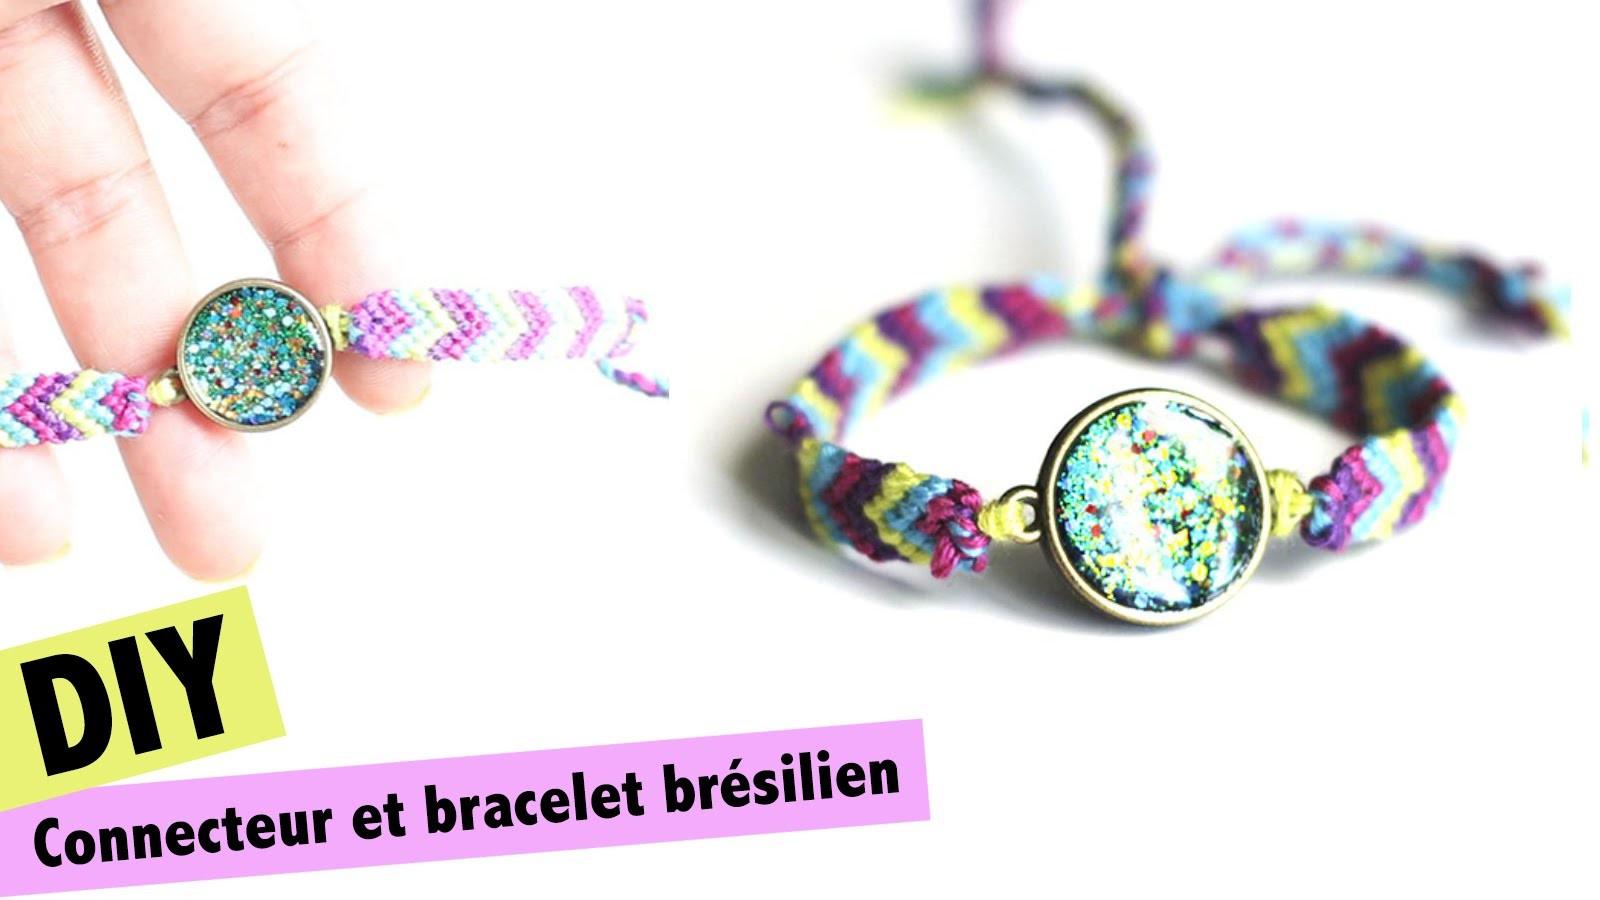 DIY # TUTO Connecteur à paillettes et bracelet brésilien